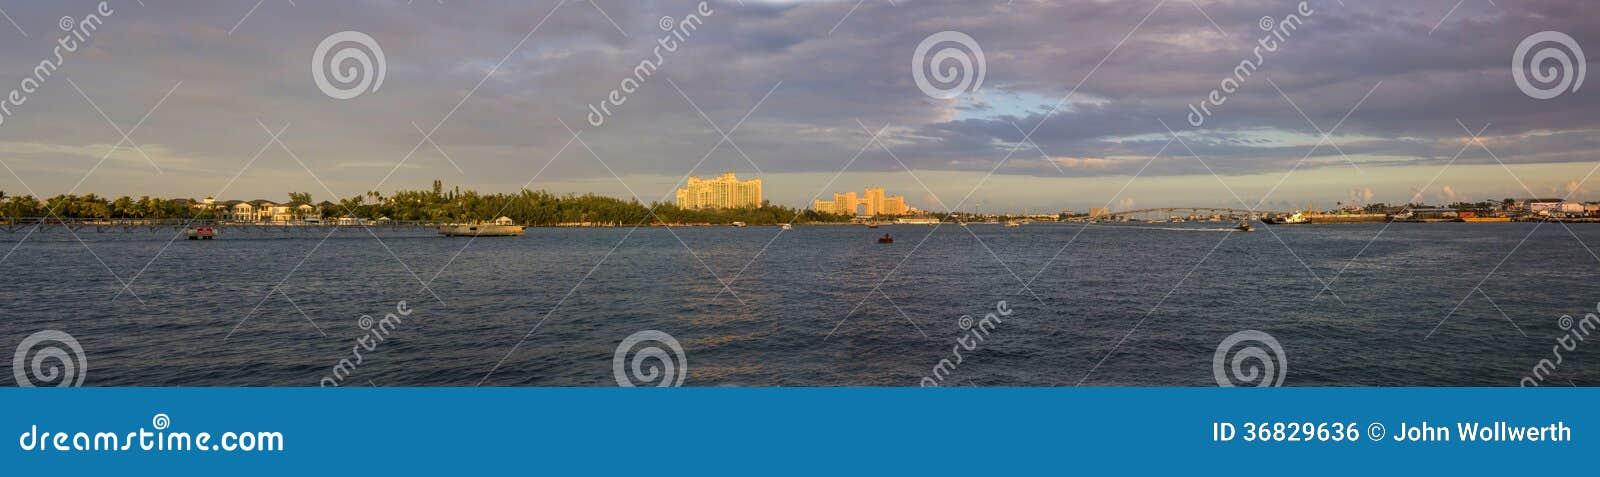 πανόραμα 180 βαθμού Nassau, Μπαχάμες